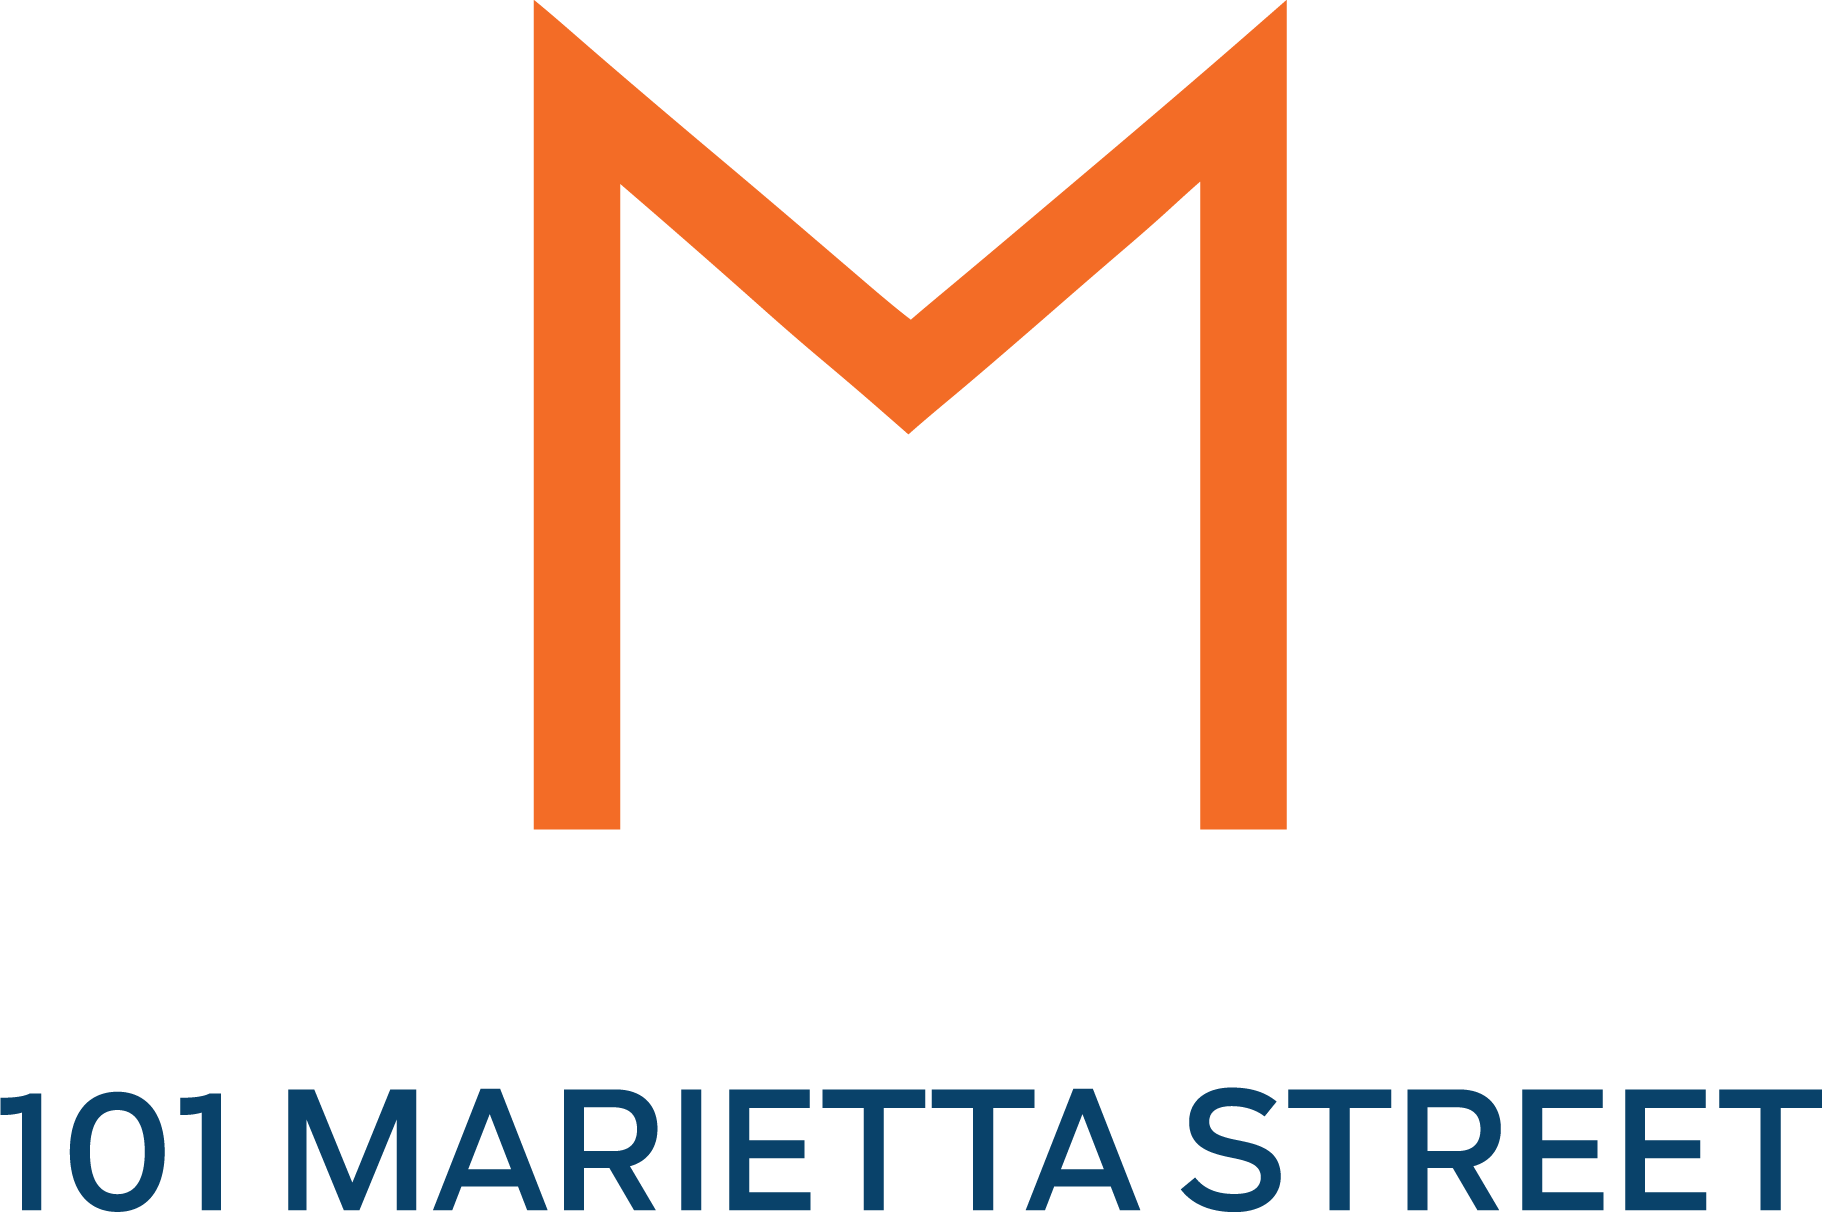 101 Marietta Street